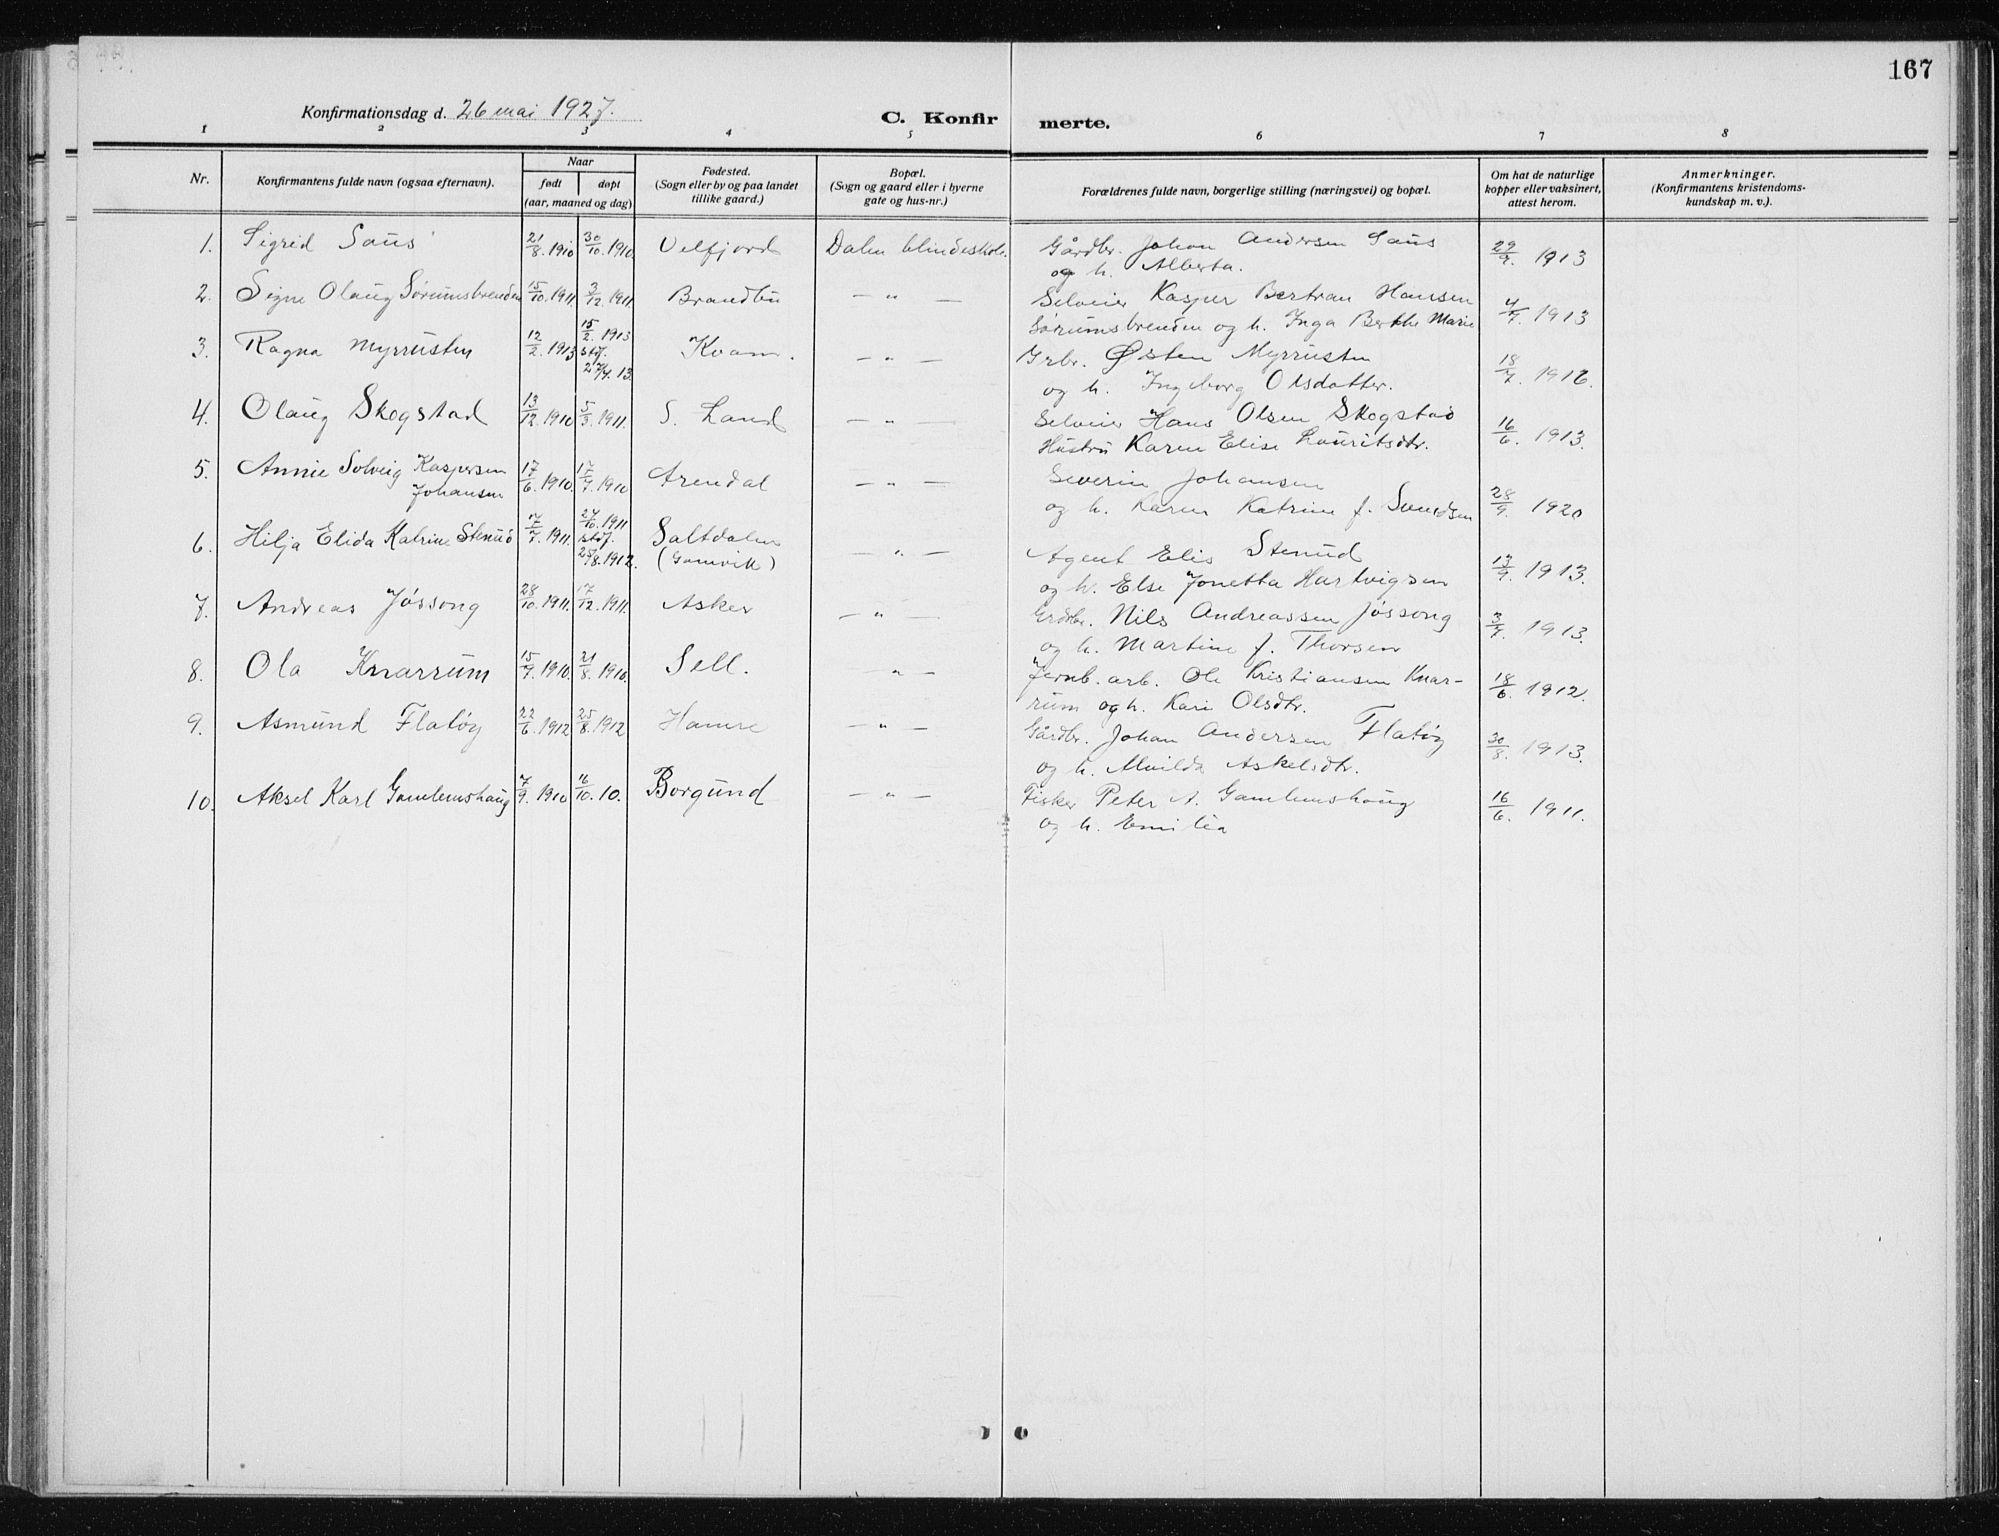 SAT, Ministerialprotokoller, klokkerbøker og fødselsregistre - Sør-Trøndelag, 606/L0314: Klokkerbok nr. 606C10, 1911-1937, s. 167